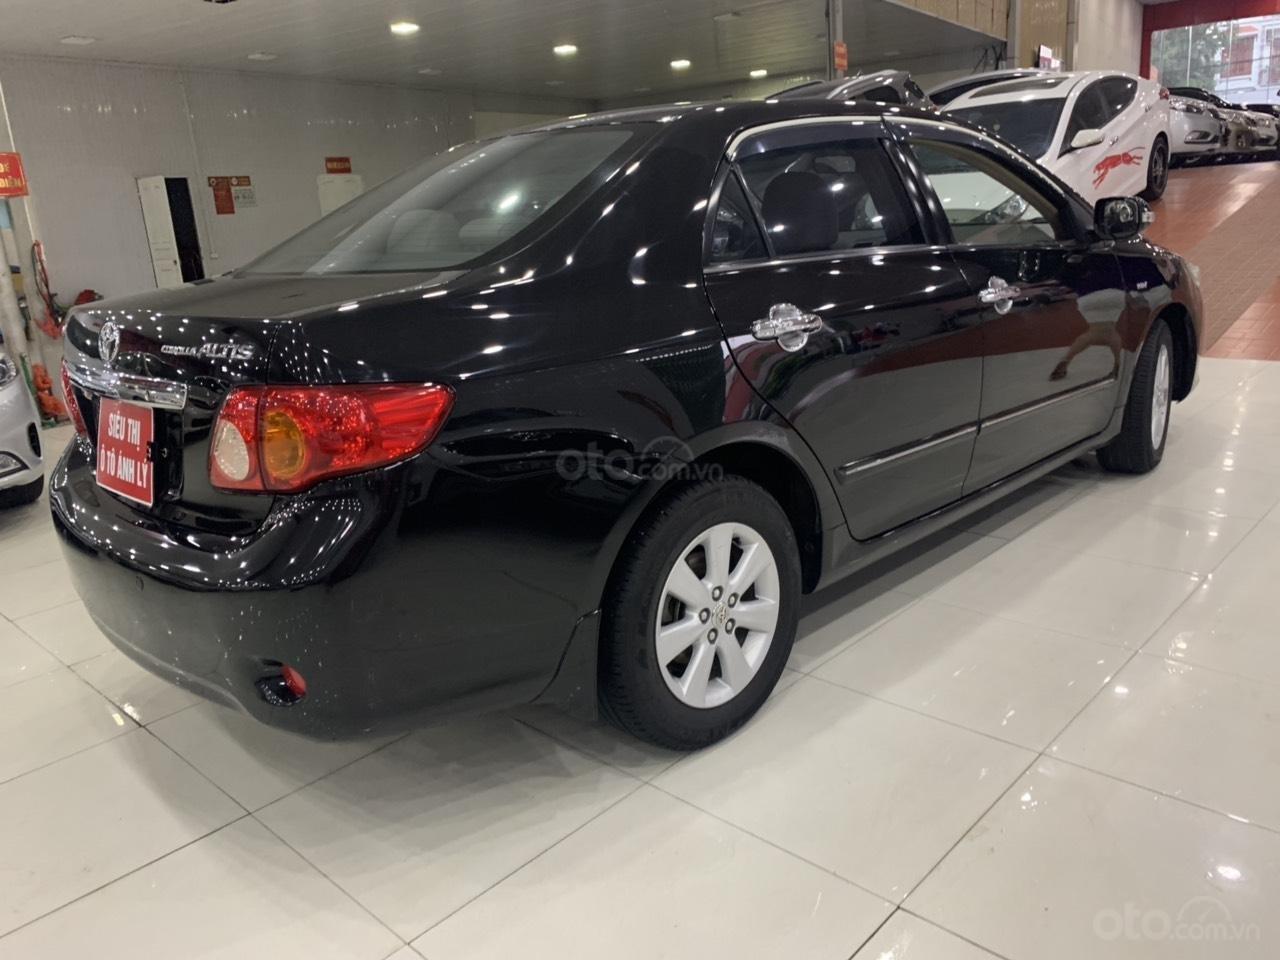 Cần bán Toyota Corolla Altis 1.8AT sản xuất năm 2010, màu đen, 445 triệu (4)